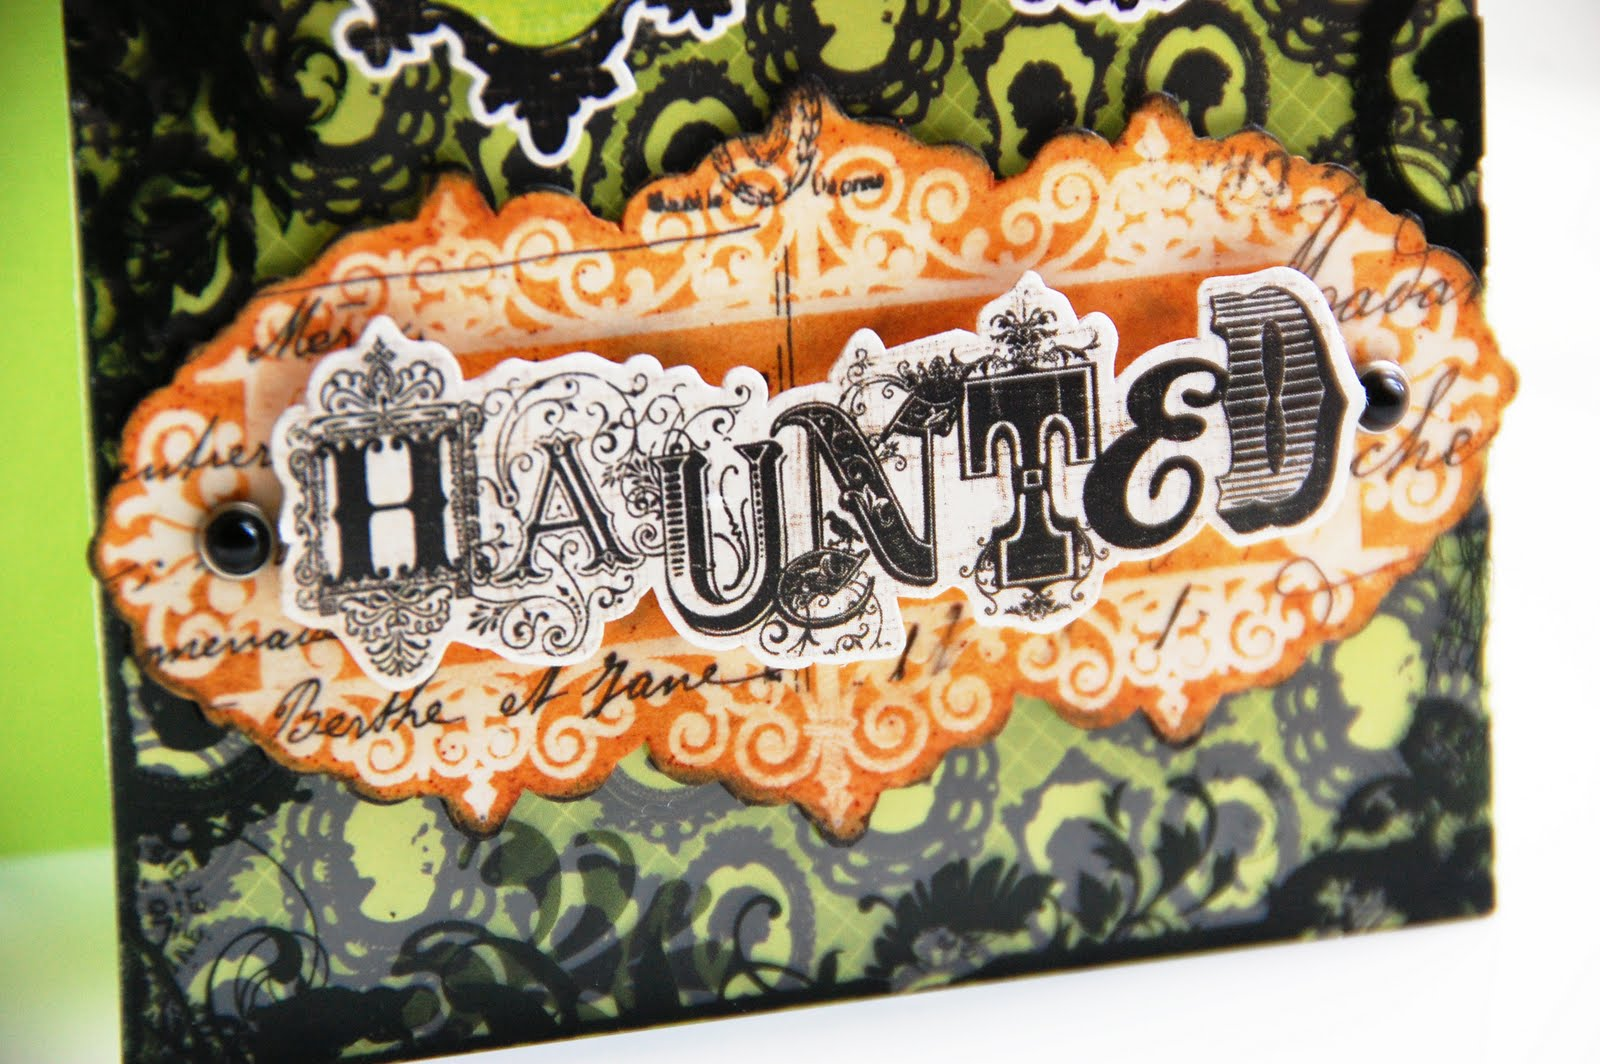 http://3.bp.blogspot.com/-HK6QCpx4tSM/TiHPeKLX8BI/AAAAAAAAB5Q/rtPcMownqEQ/s1600/Roree-PP-CHA11S-phantom-haunted+closeup2.jpg